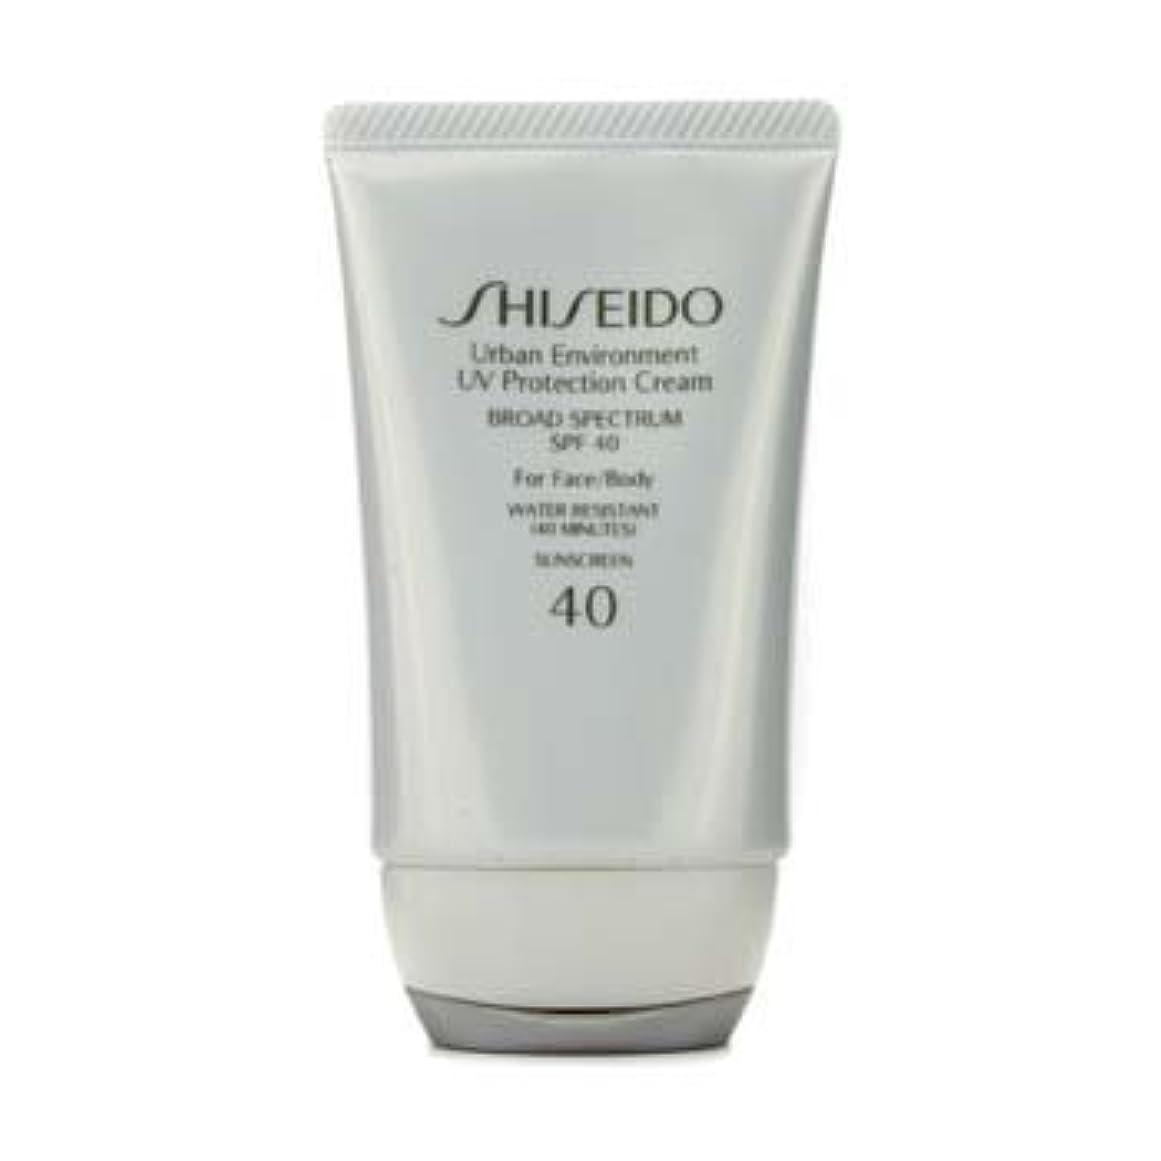 雇用者警察歯痛Shiseido Urban Environment UV Protection Cream SPF 40 (For Face & Body) - 50ml/1.9oz by Shiseido [並行輸入品]